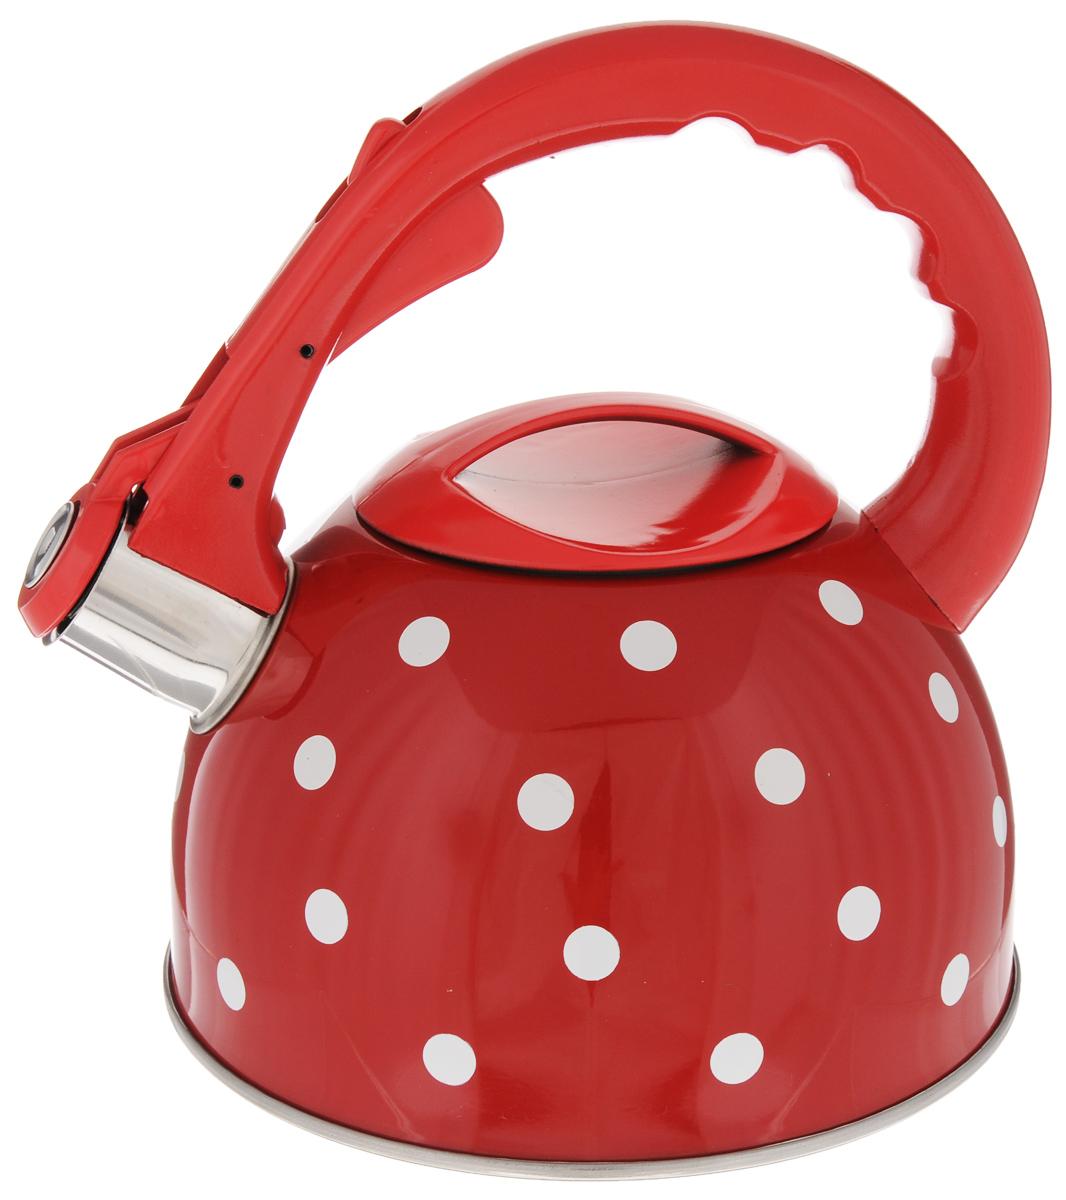 Чайник Mayer & Boch Горох, со свистком, 2,5 л. 26046115510Чайник со свистком Mayer & Boch изготовлен из высококачественной нержавеющей стали, что обеспечивает долговечность использования. Носик чайника оснащен откидным свистком, звуковой сигнал которого подскажет, когда закипит вода. Фиксированная ручка, изготовленная из пластика и цинка, снабжена клавишей для открывания носика, что делает использование чайника очень удобным и безопасным.Чайник Mayer & Boch - качественное исполнение и стильное решение для вашей кухни. Подходит для всех типов плит, включая индукционные. Можно мыть в посудомоечной машине. Высота чайника (с учетом ручки): 22,5 см.Высота чайника (без учета ручки и крышки): 12 см.Диаметр чайника (по верхнему краю): 10 см.Диаметр основания: 19 см.